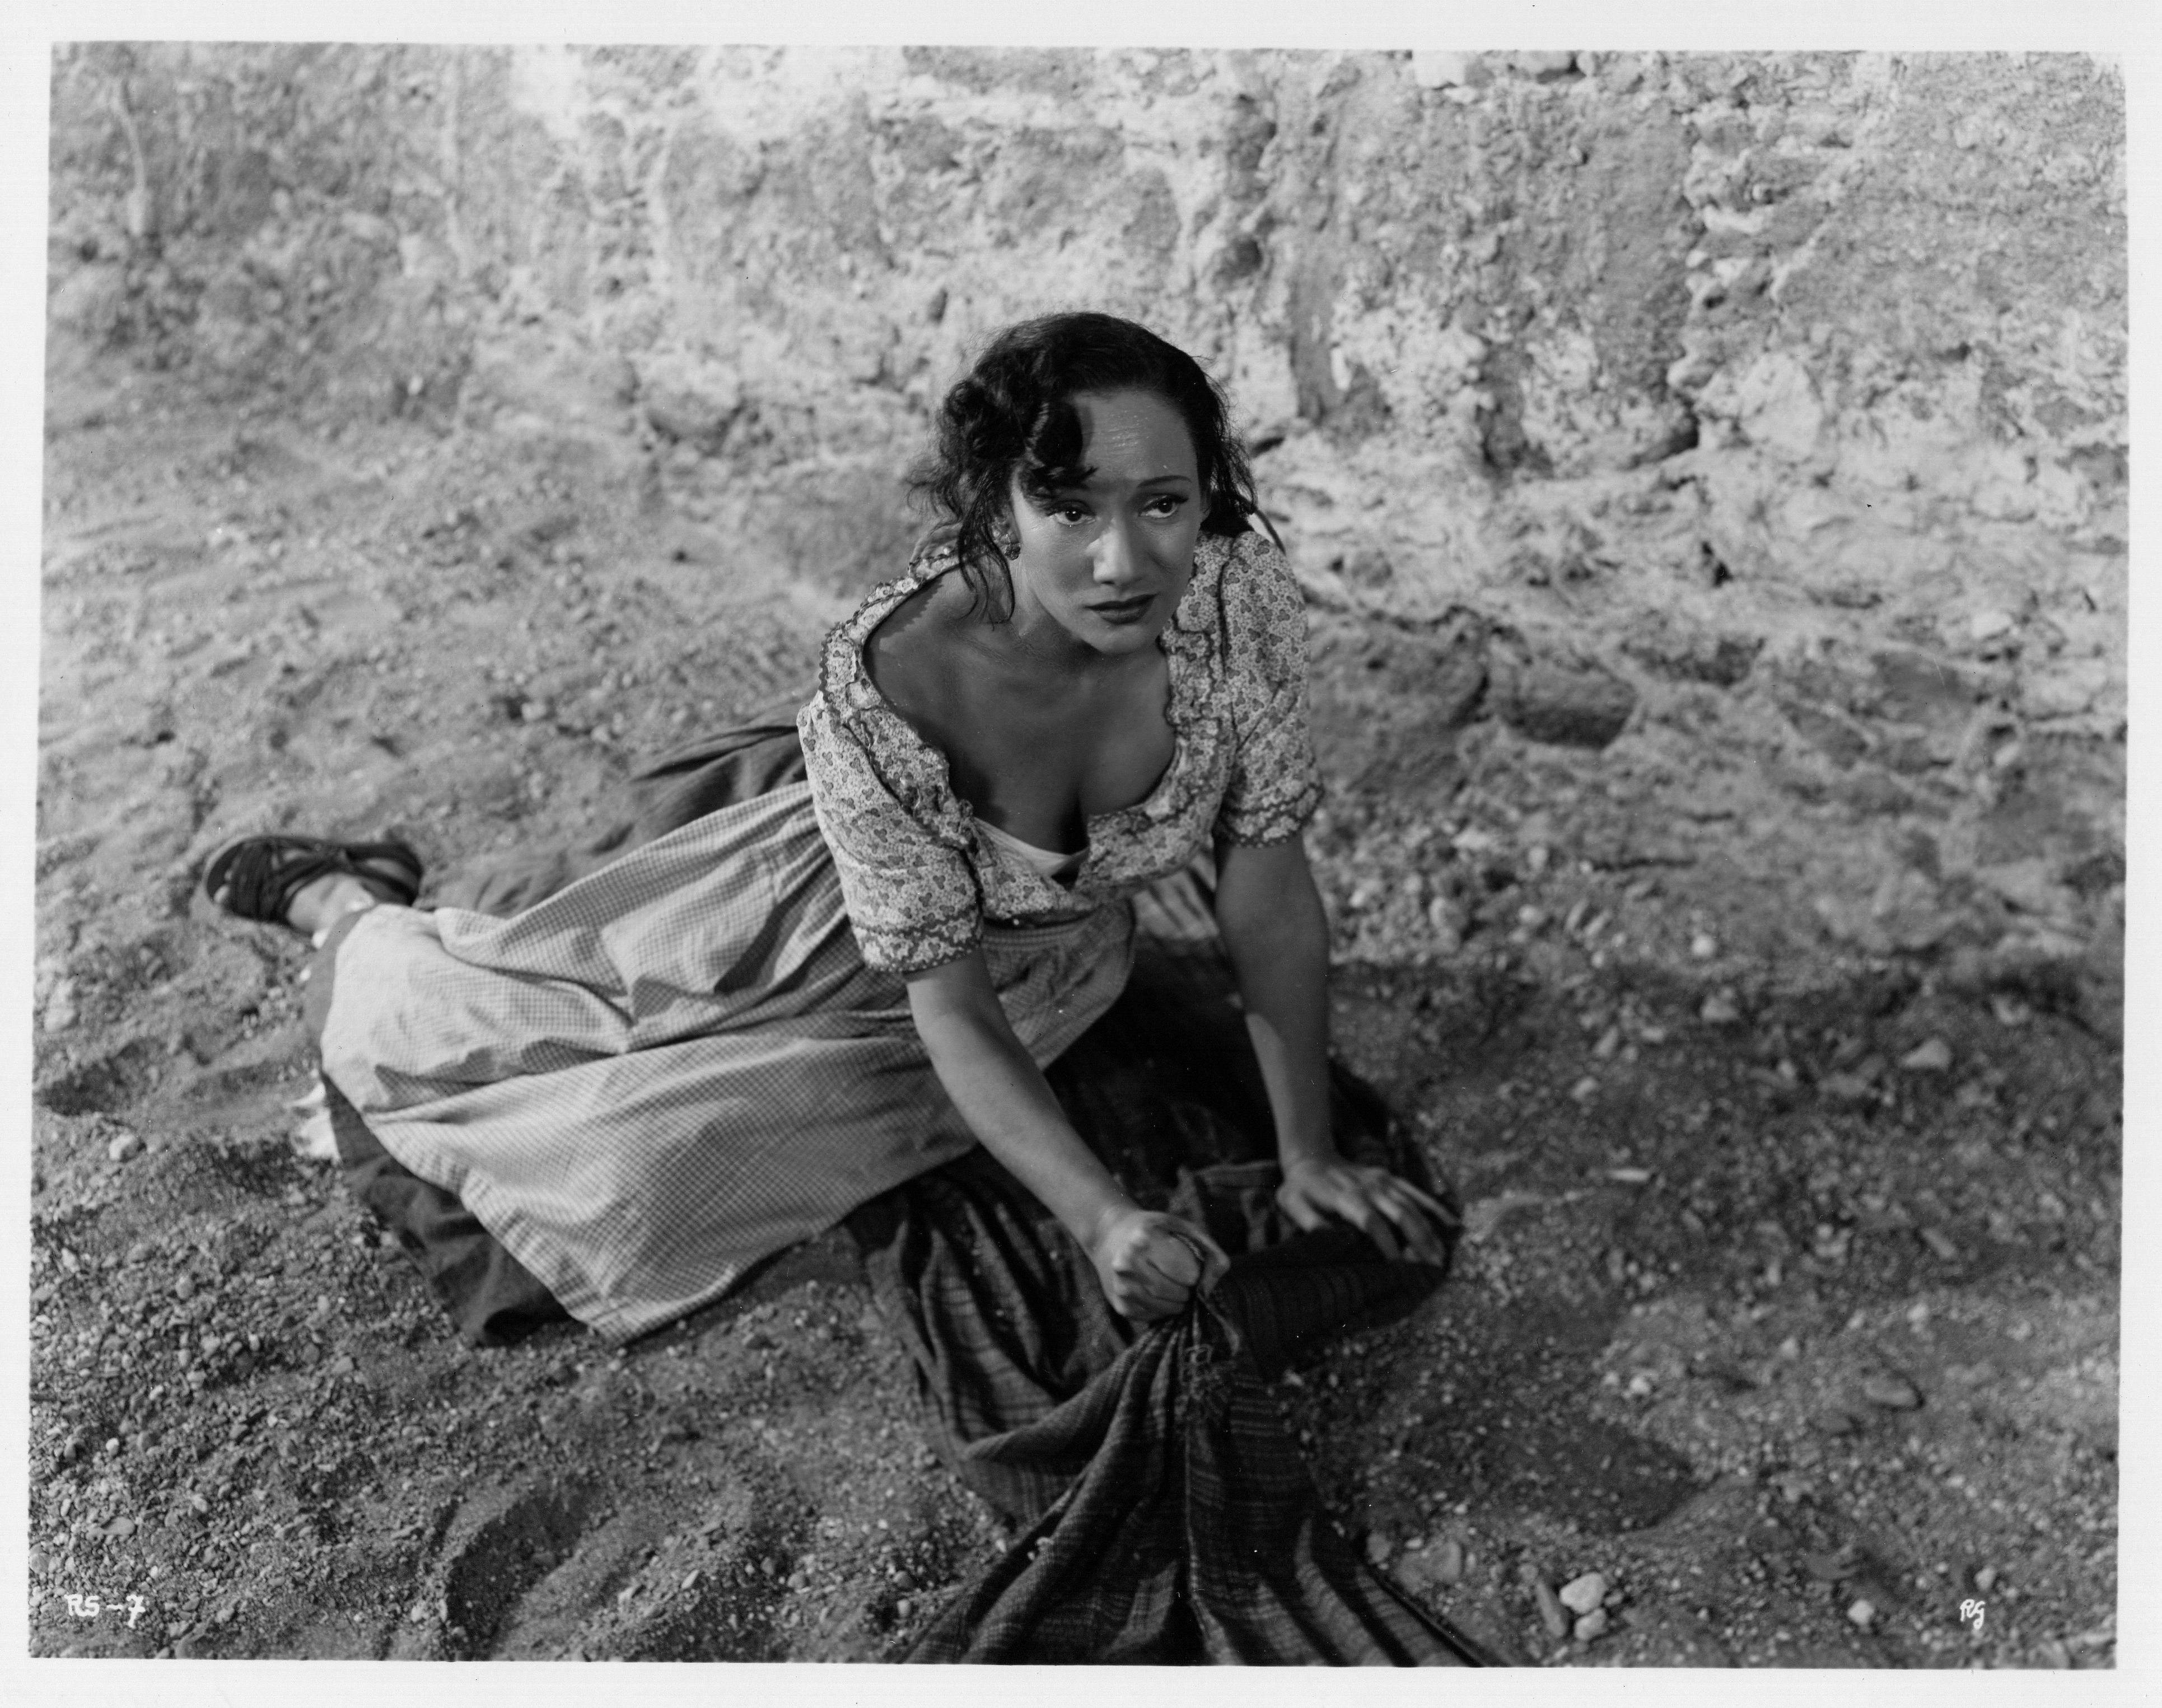 CuadroXCuadro: 'El rebozo de Soledad' y el cine indigenista de Revueltas y Gavaldón